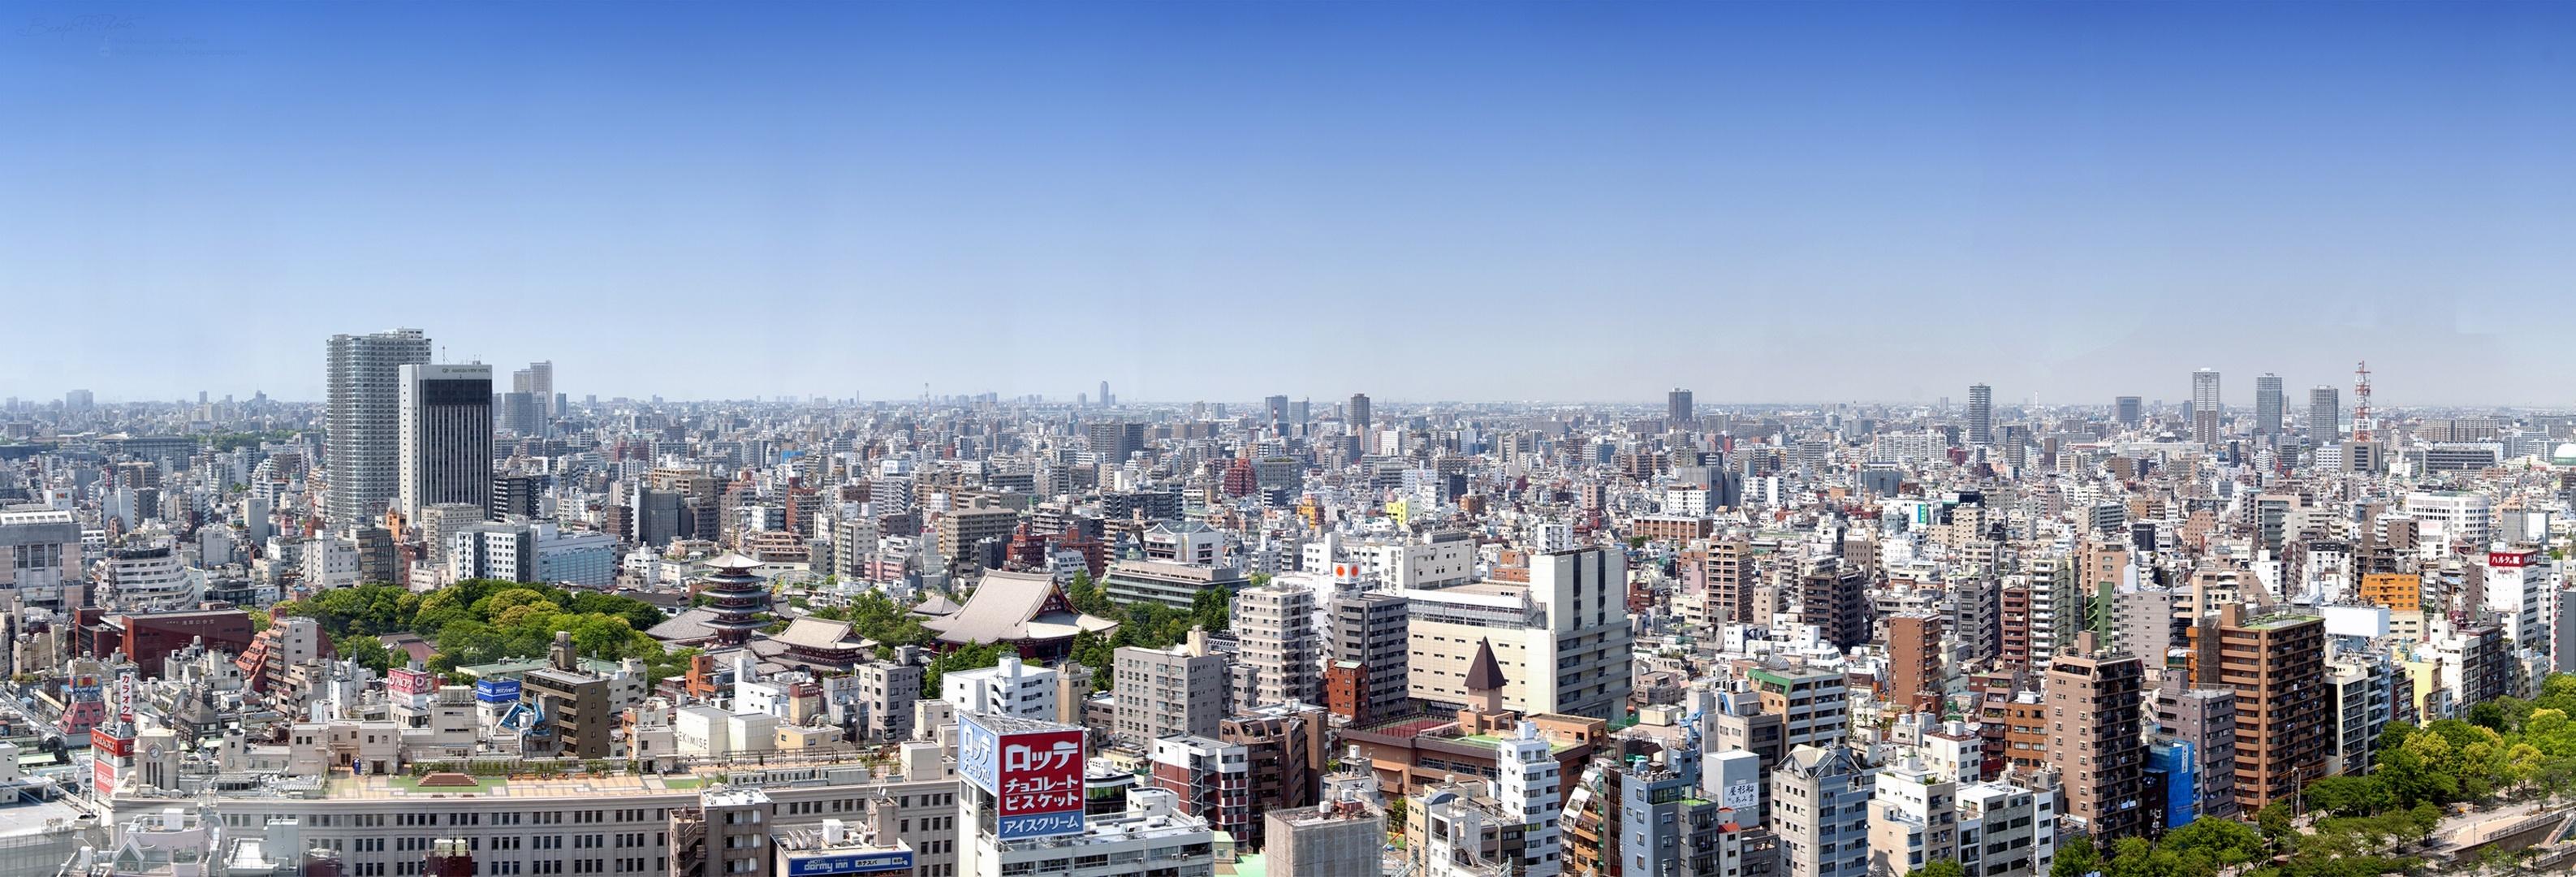 tokyo japan panorama buildings multi dual wallpaper | 3173x1080